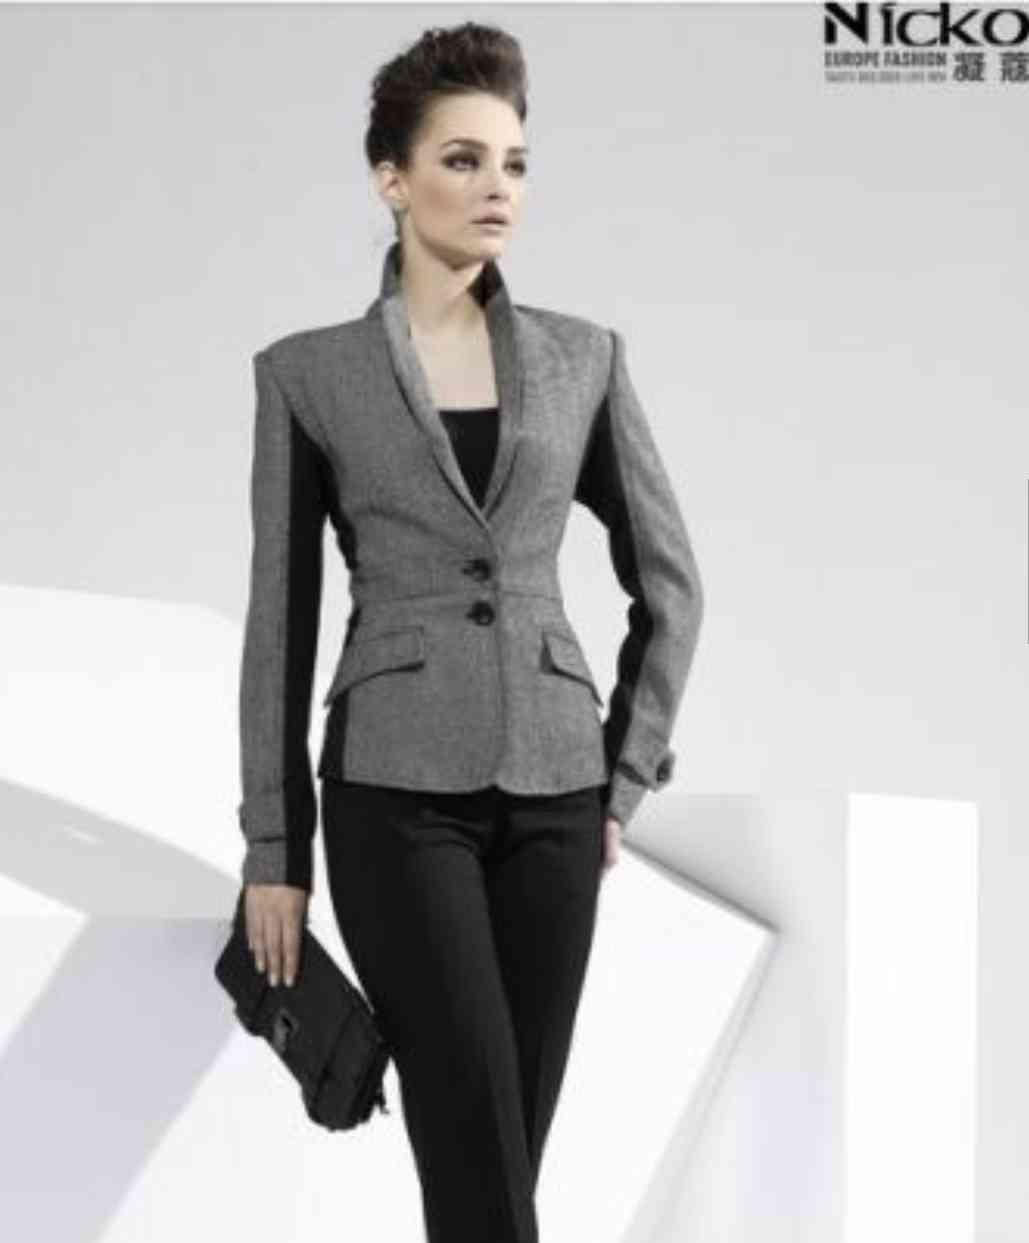 ローラ、スタイル維持へのプロ意識に絶賛の声「努力の人」「リアルアスリート」